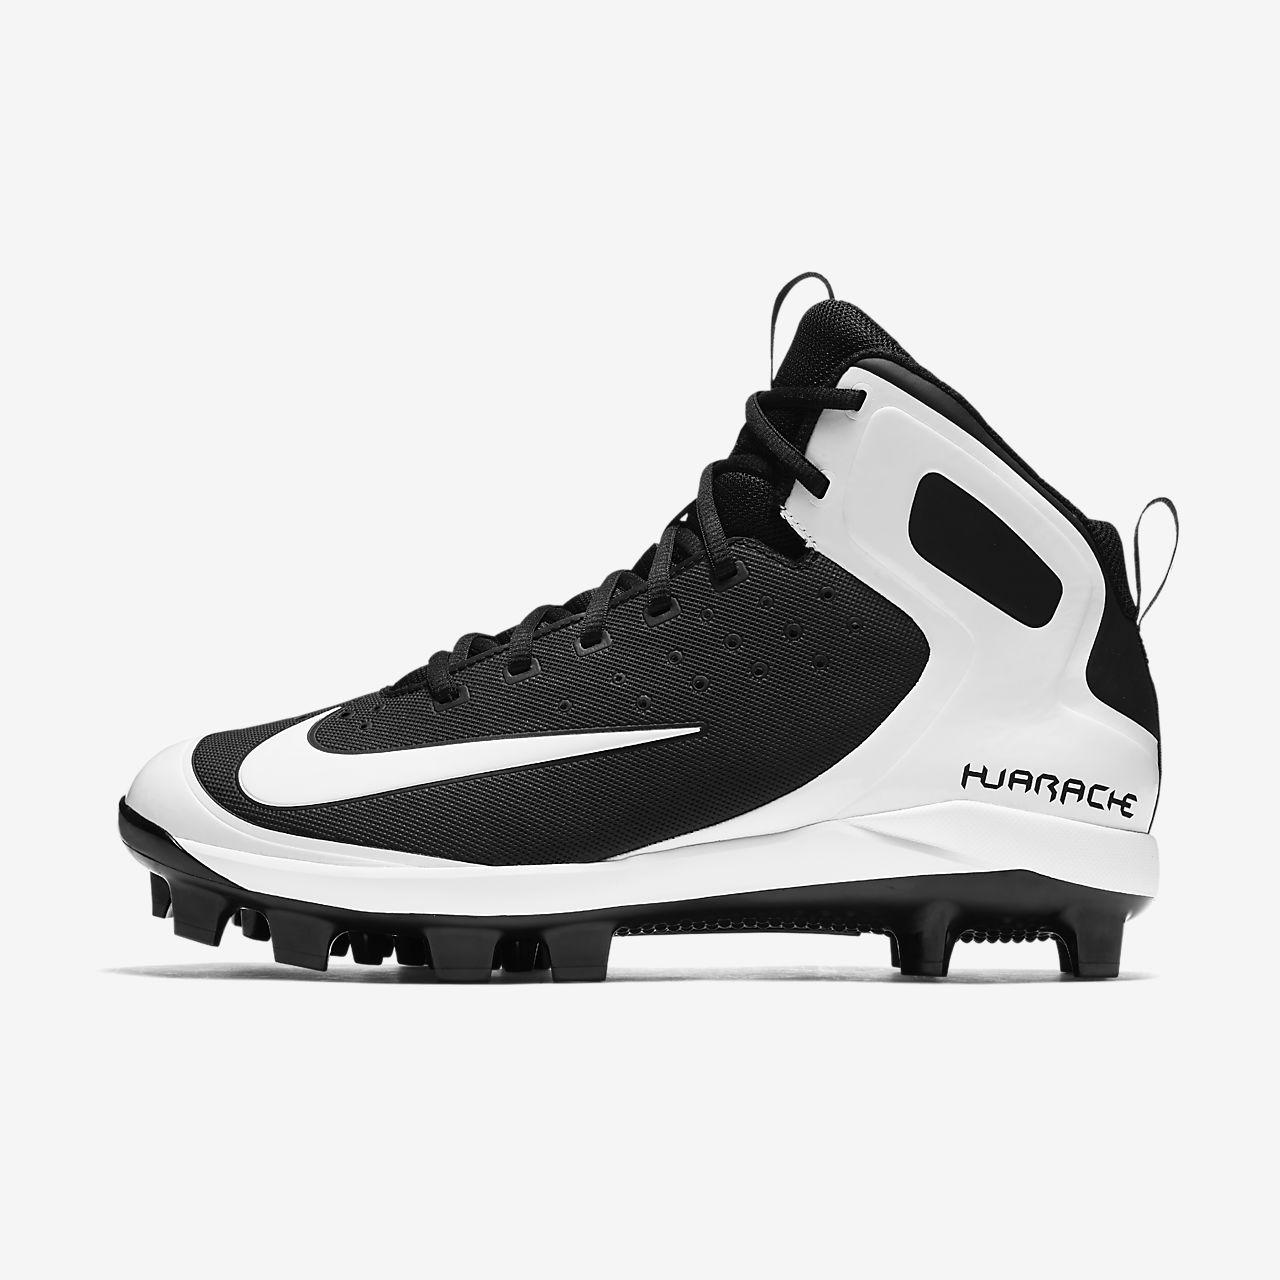 Nike Huarache 2k Biscuits Frais De Mcs Taquet De Baseball Masculin Moulé WrdE47aULv